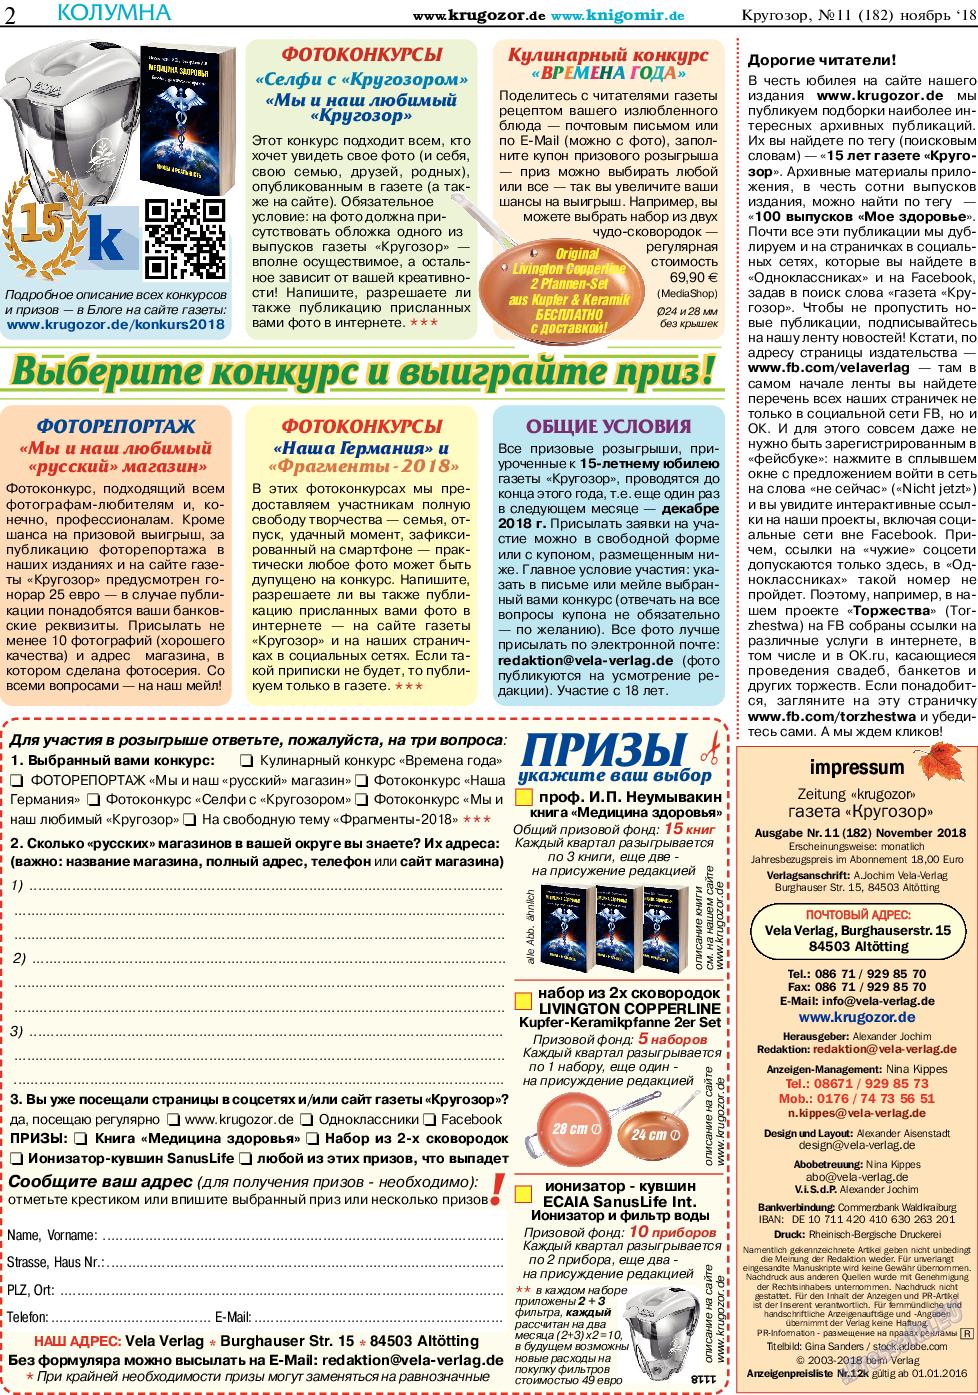 Кругозор (газета). 2018 год, номер 11, стр. 2